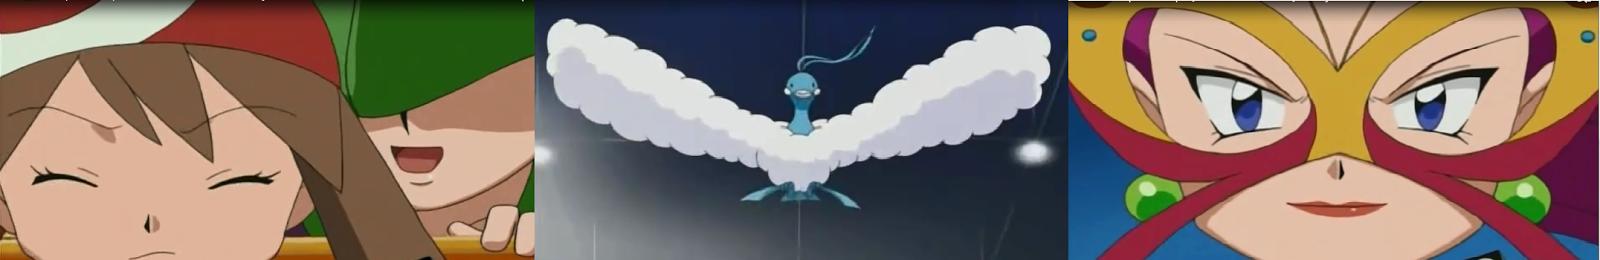 Pokémon -  Capítulo 28  - Temporada 9  - Audio Latino